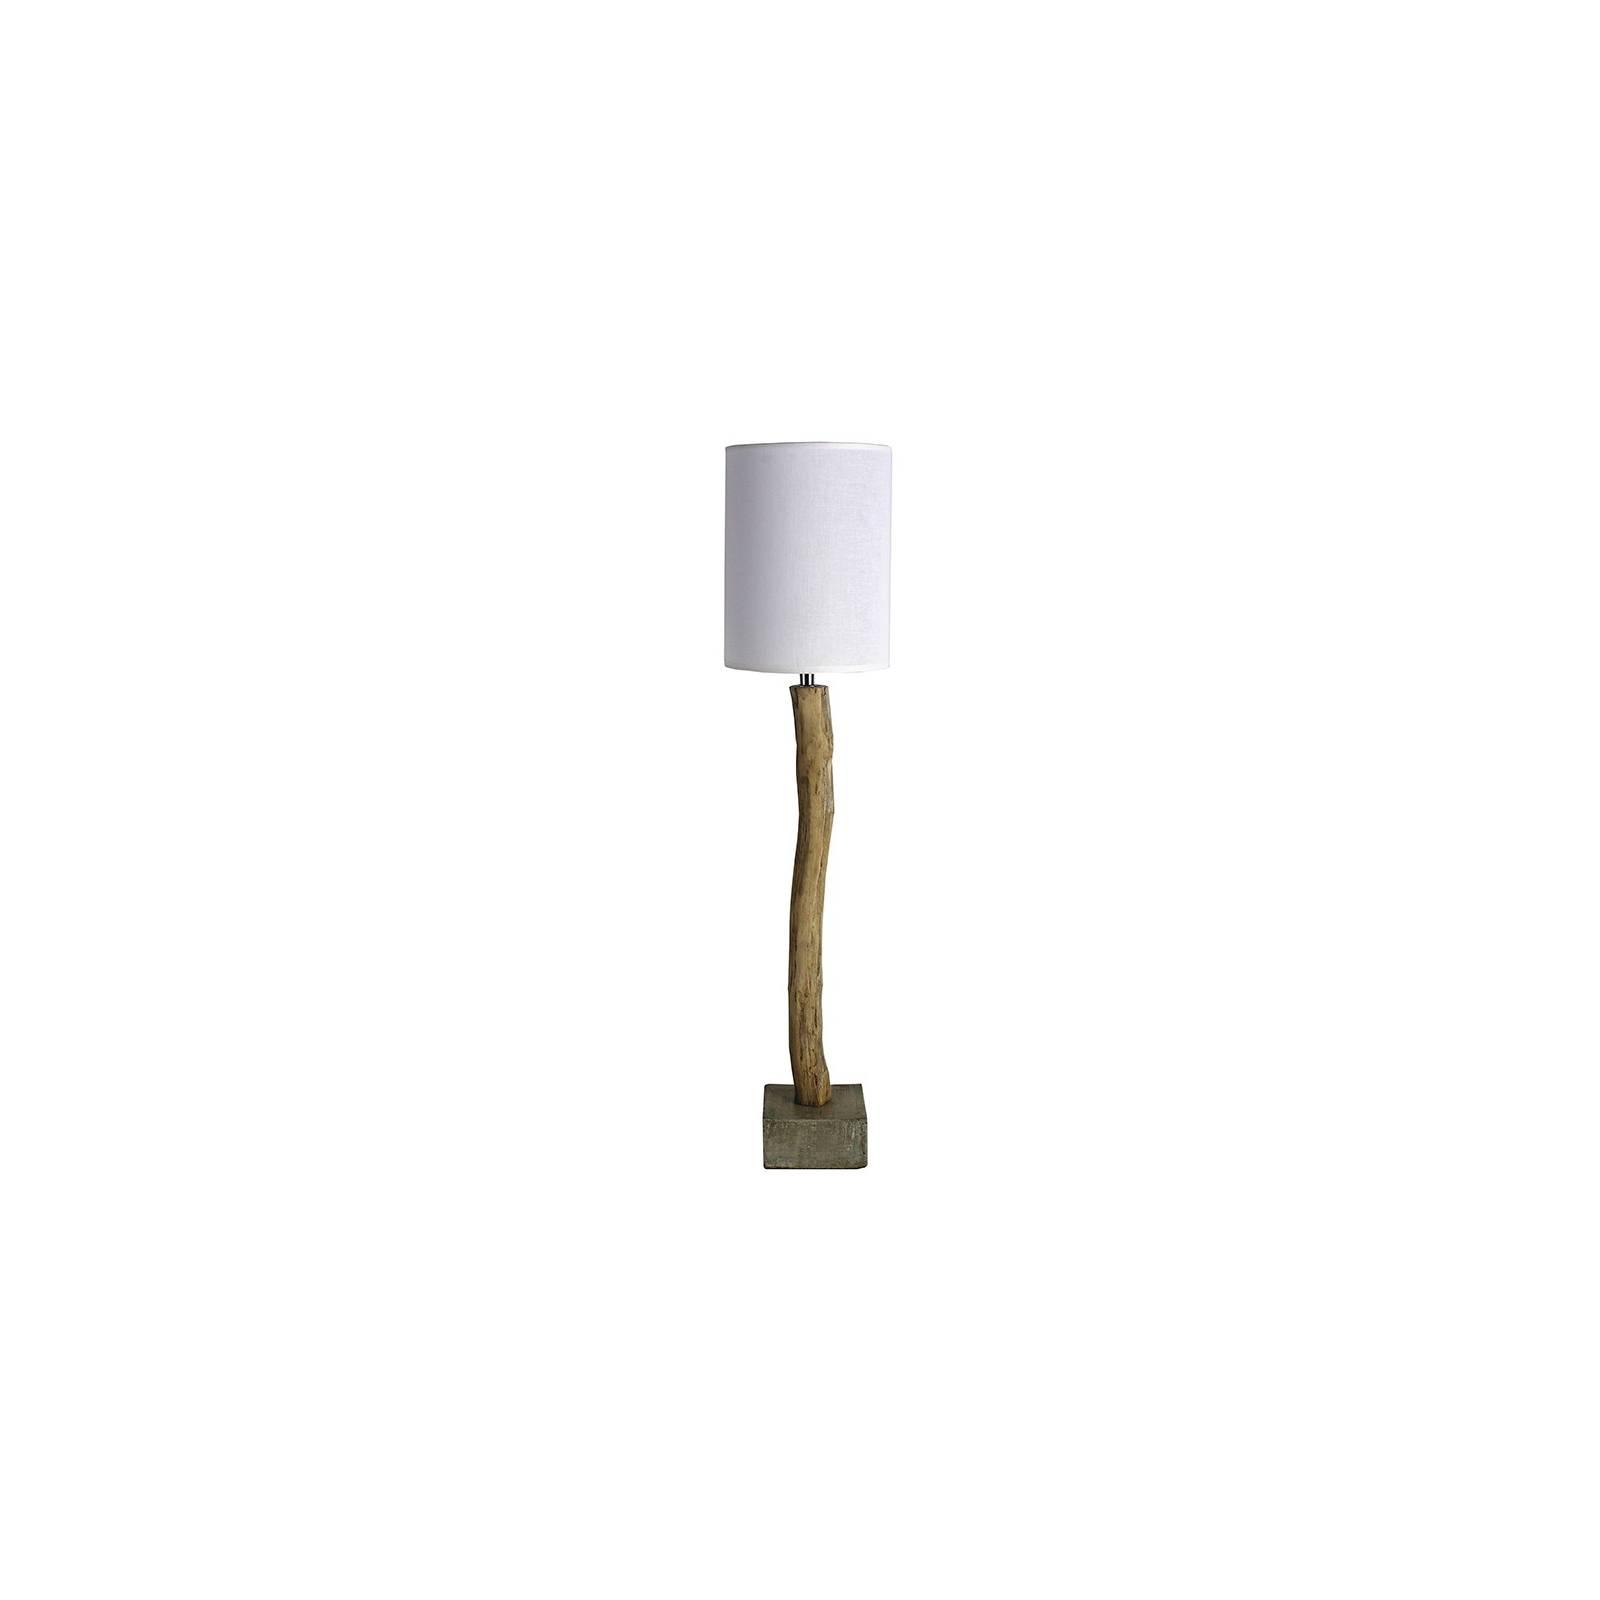 Lampe Bakou Bois Flotté - déco style ethnique